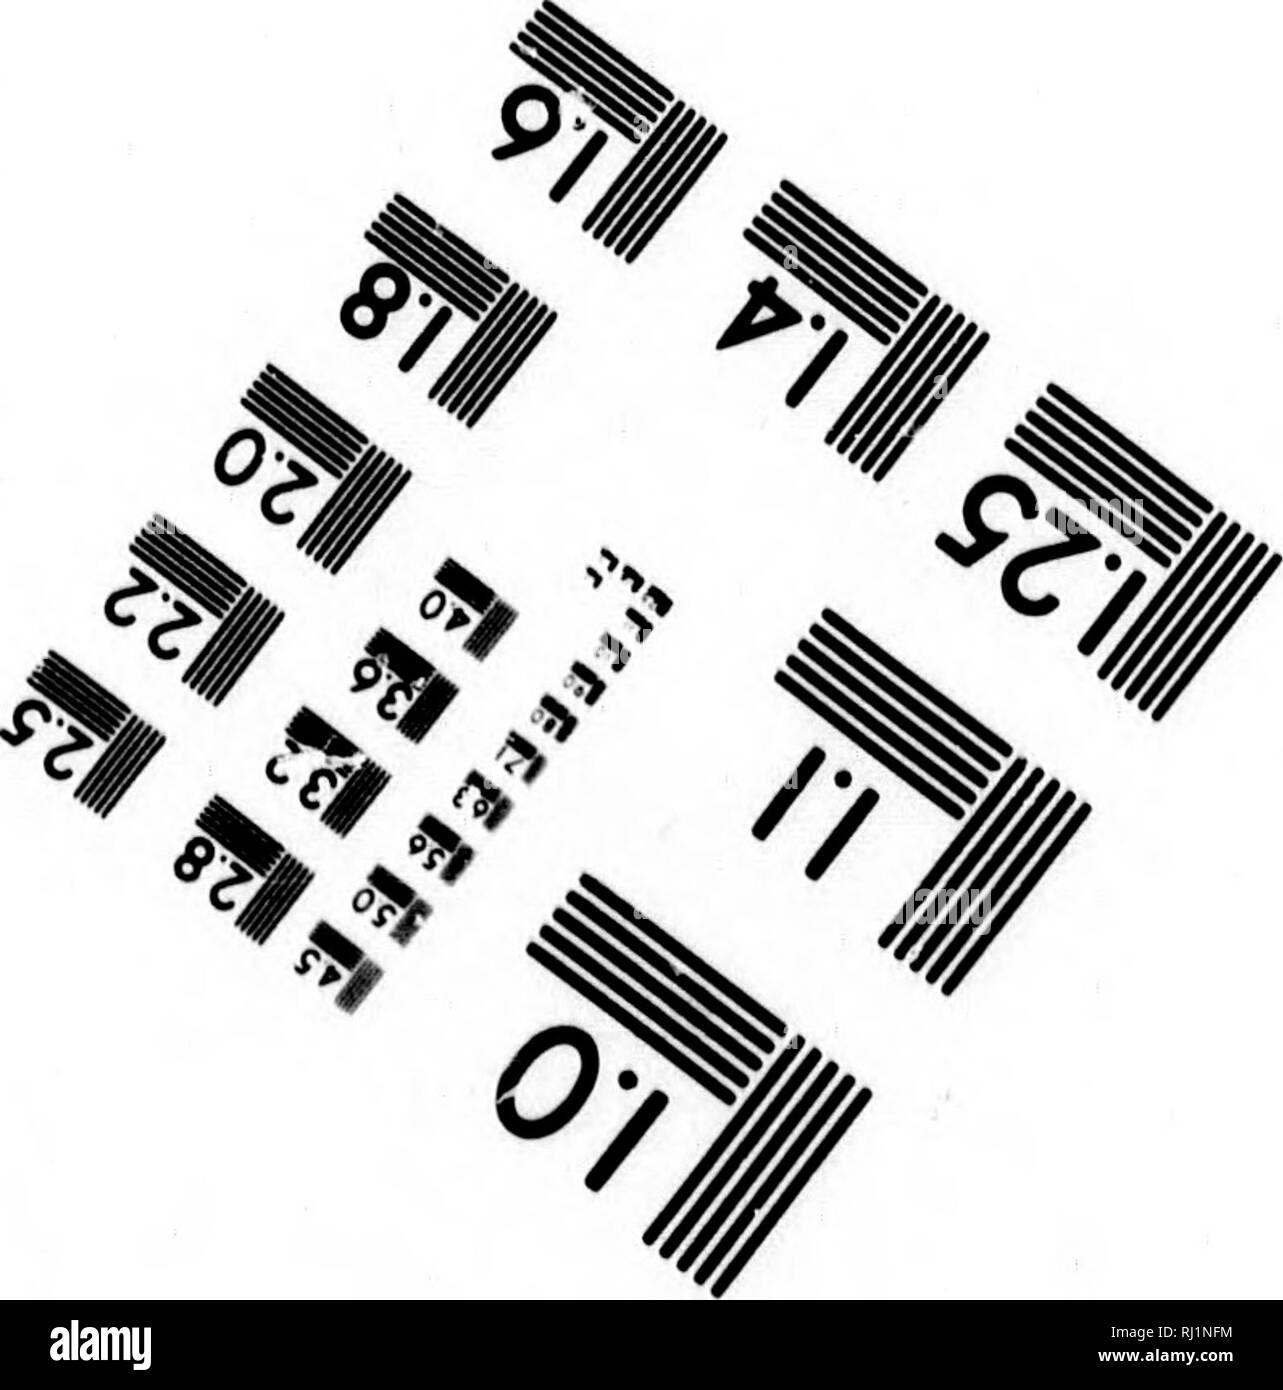 """. Historie von Grönland [microform] : enthaltend die Beschreibung des Landes und der Einwohner u. nebst beträchtlichen Zusätzen und Anmerkungen zur natürlichen Geschichte bis auf das Jahr 1769. Inuit; Natural history; Inuit; Sciences naturelles. 1.25 1.4 1.6 â ⢠6"""" »«â. Photographie Sdences Corporation 23 WEST MAIN STREET WEBSTER, N.Y. 14580 (716) 872-4503. Please note that these images are extracted from scanned page images that may have been digitally enhanced for readability - coloration and appearance of these illustrations may not perfectly resemble the original work.. Cranz,  - Stock Image"""